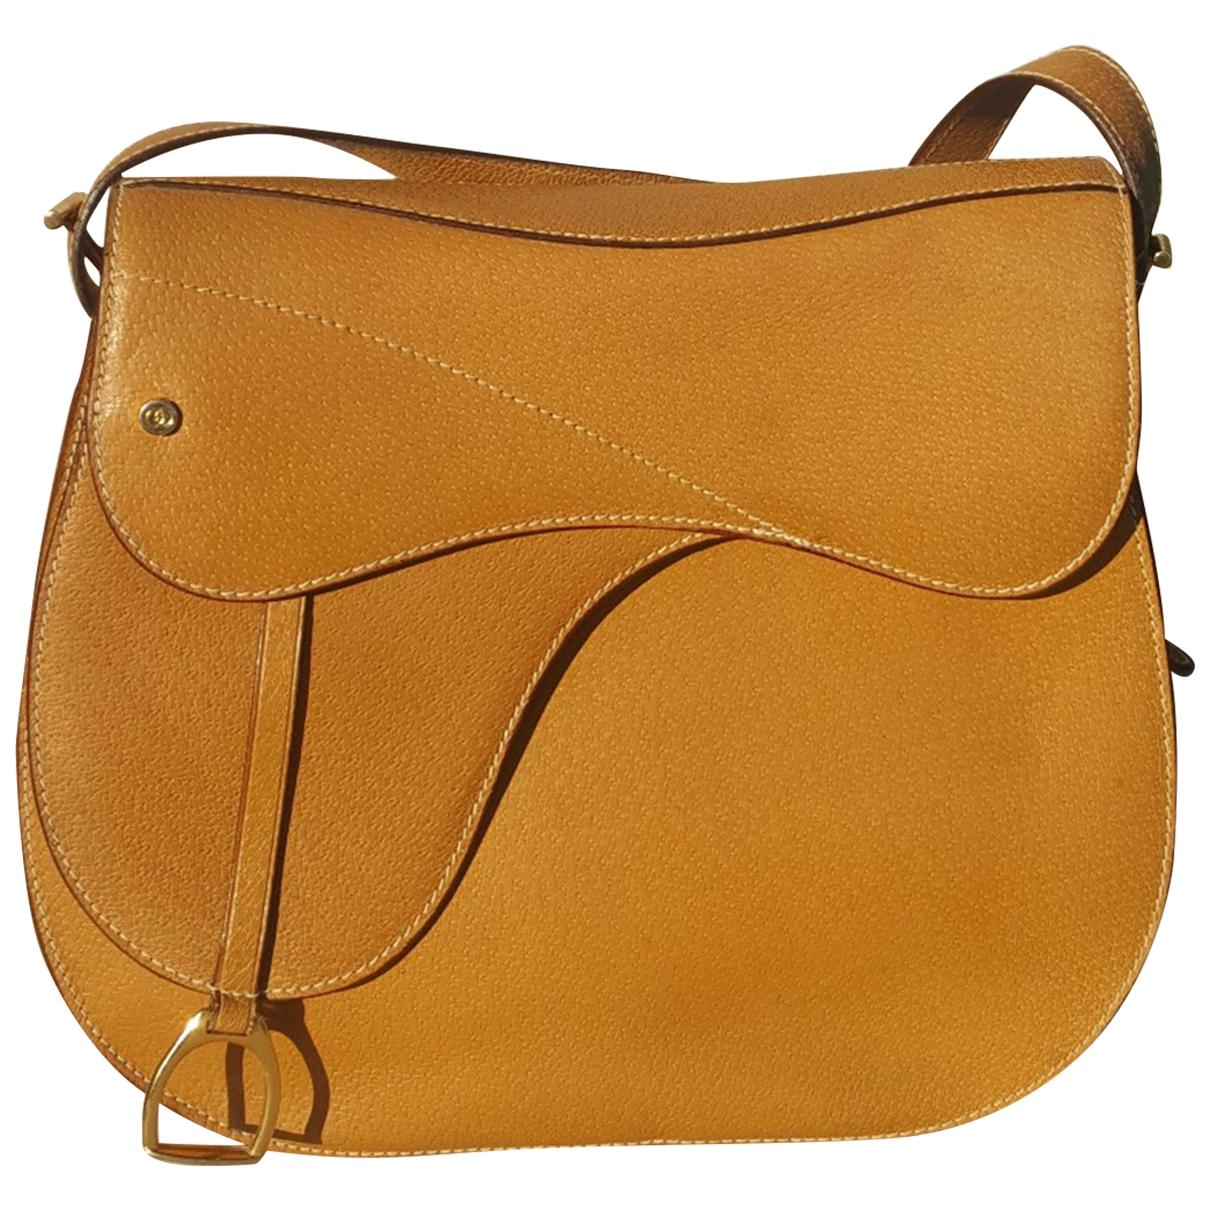 Gucci \N Camel Leather handbag for Women \N